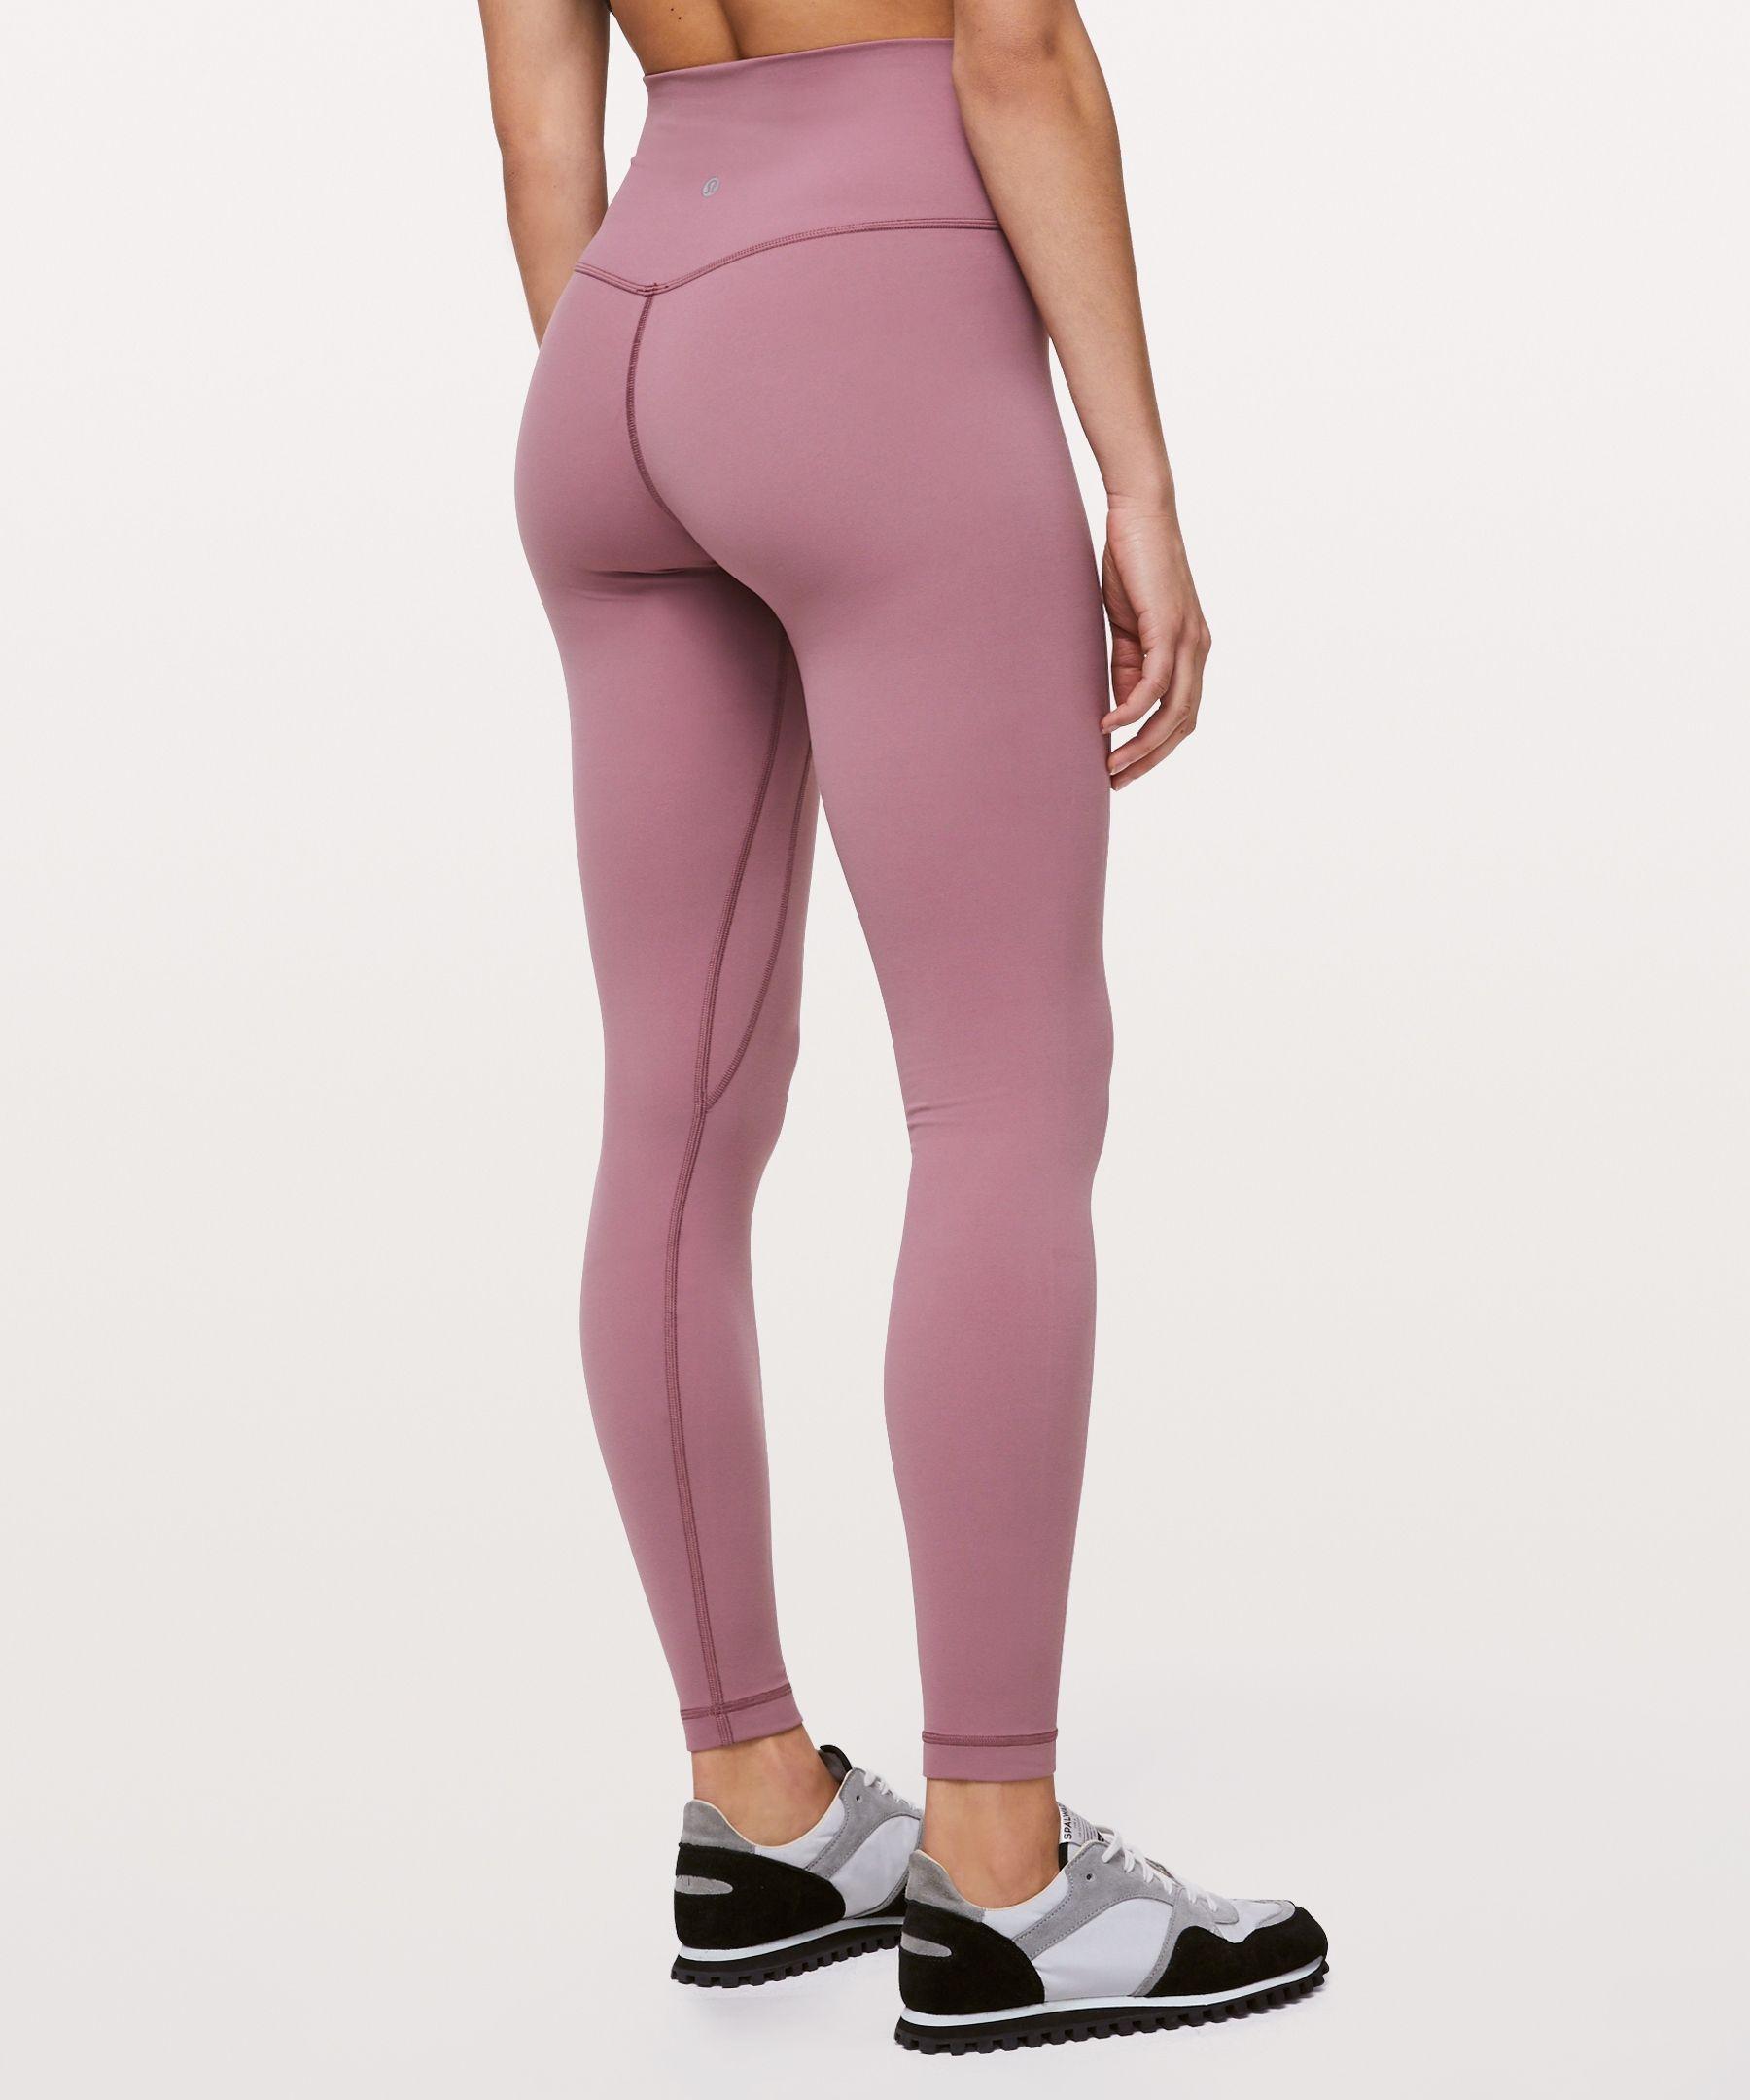 """lululemon Women's Align Pant 28"""", Figue, Size 0 Pants"""